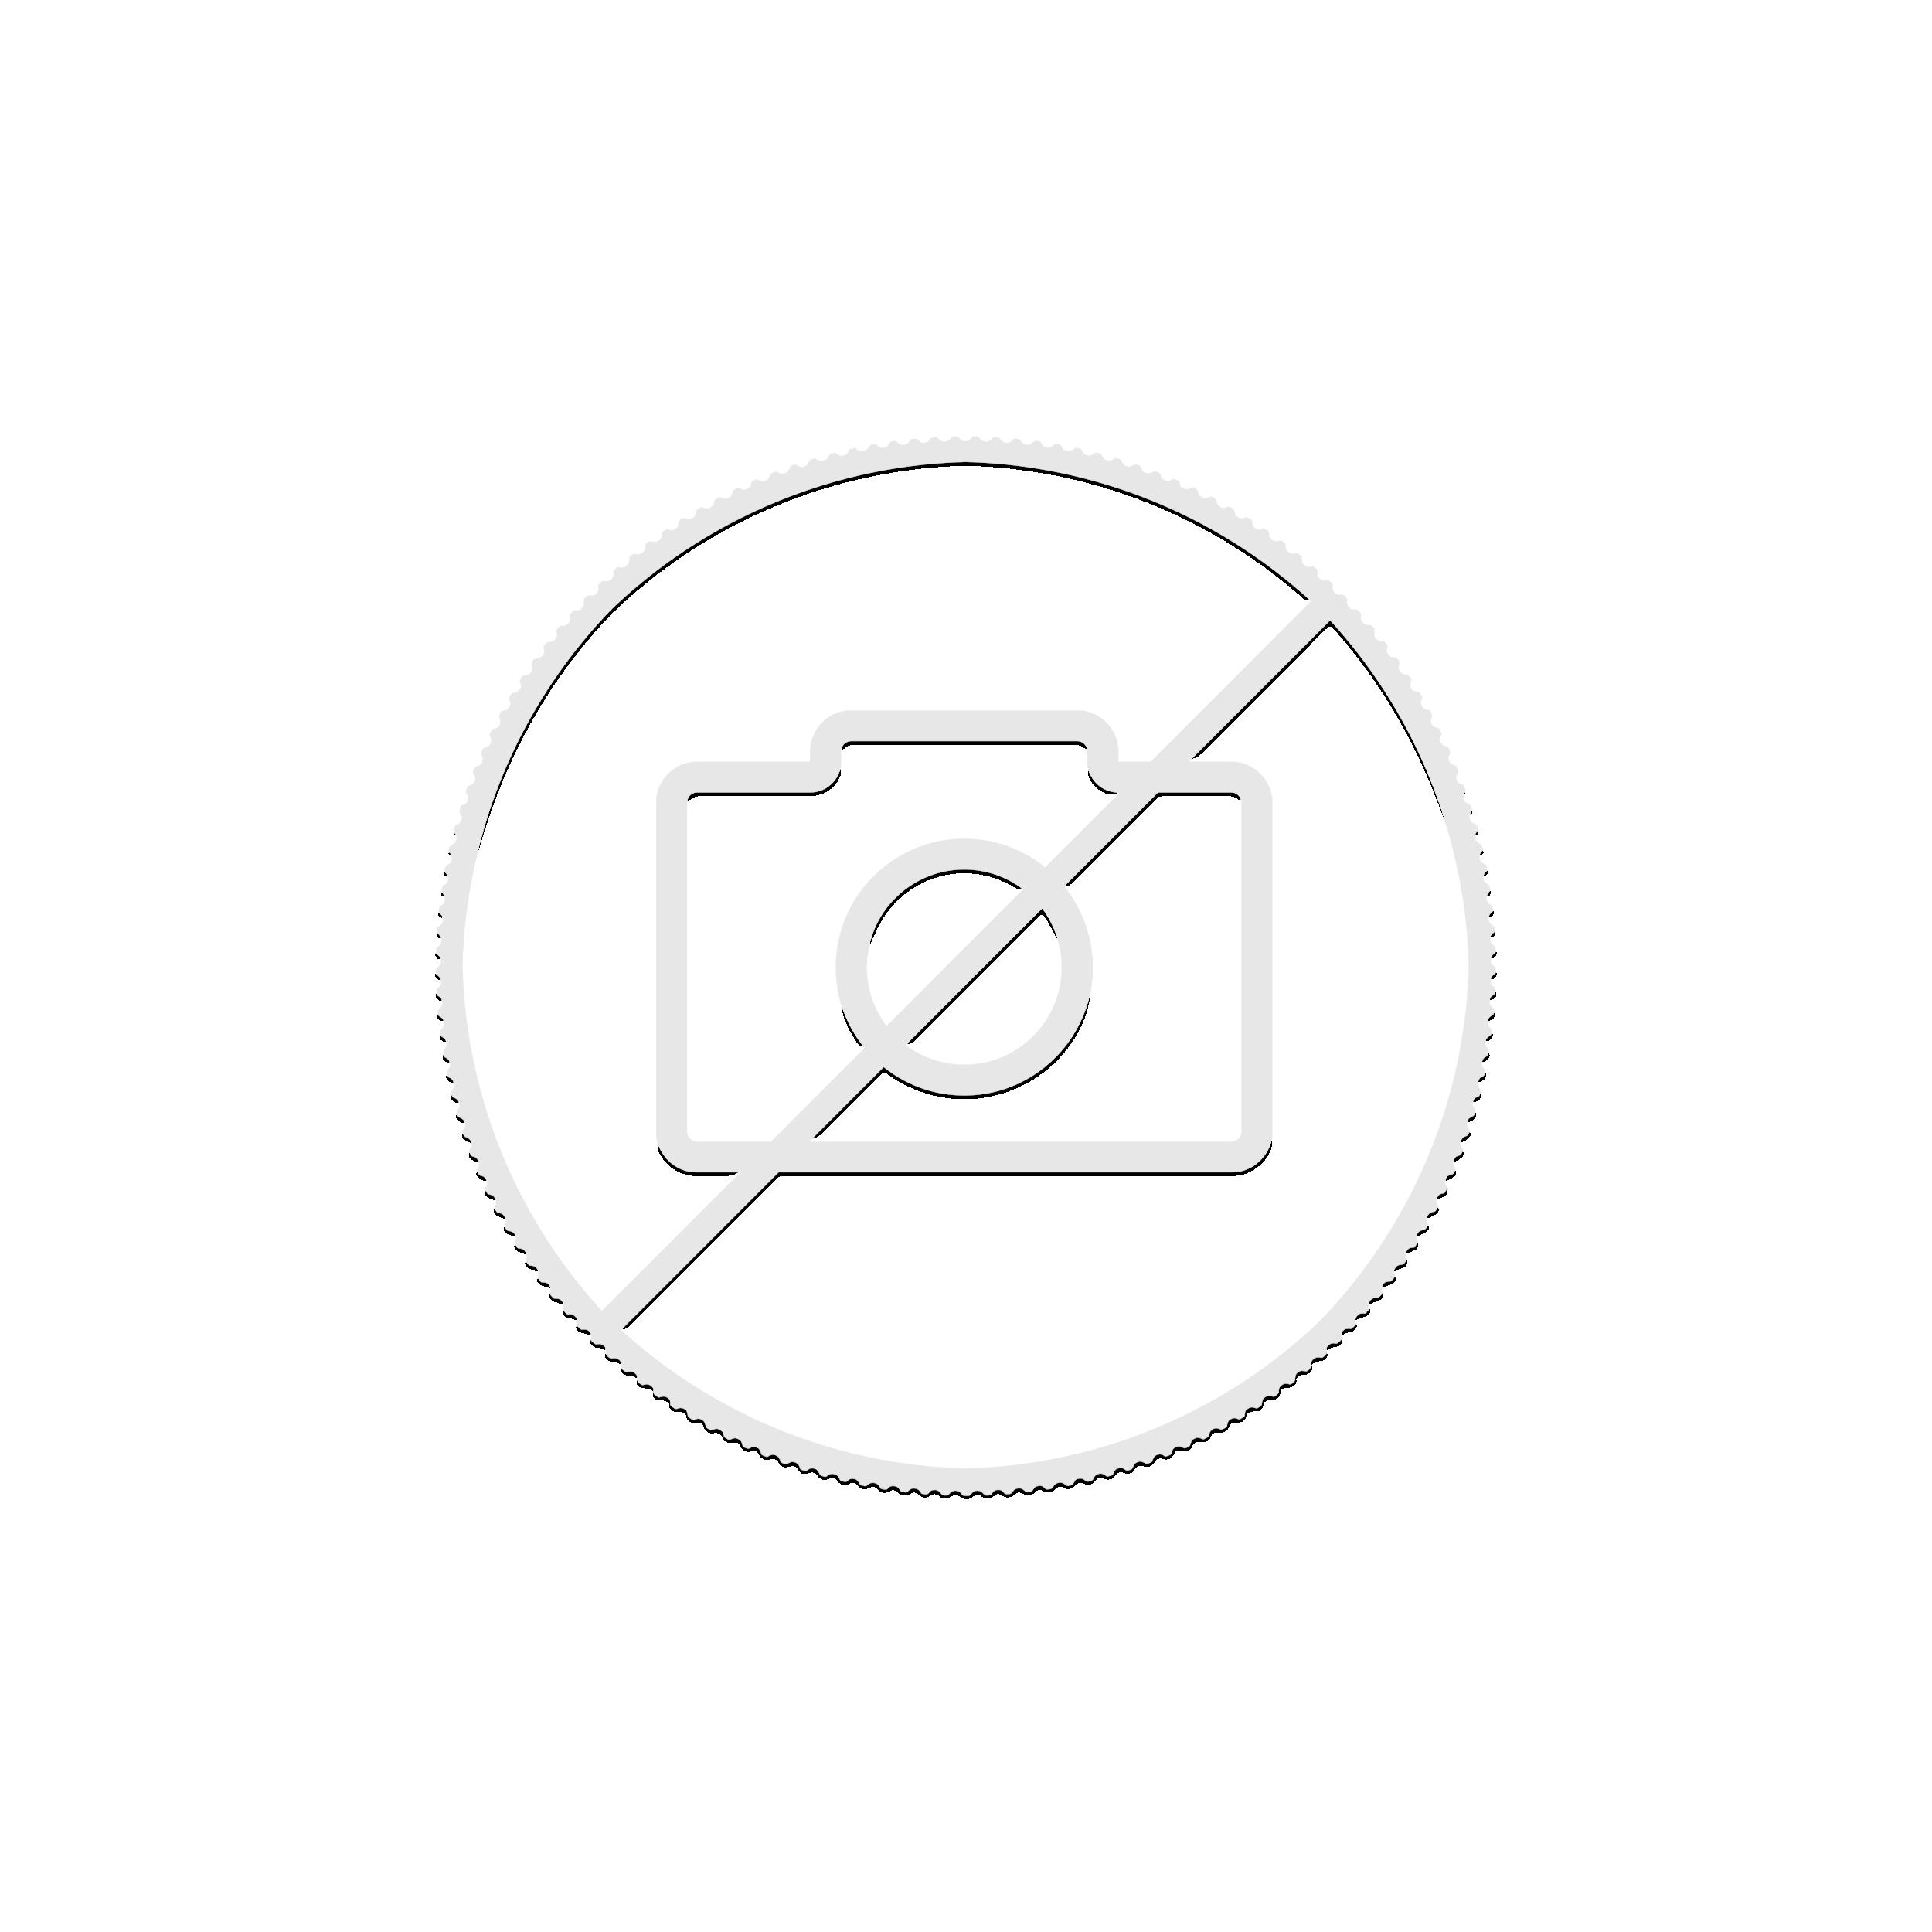 5 troy ounce zilveren munt Goddelijke komedie 2020